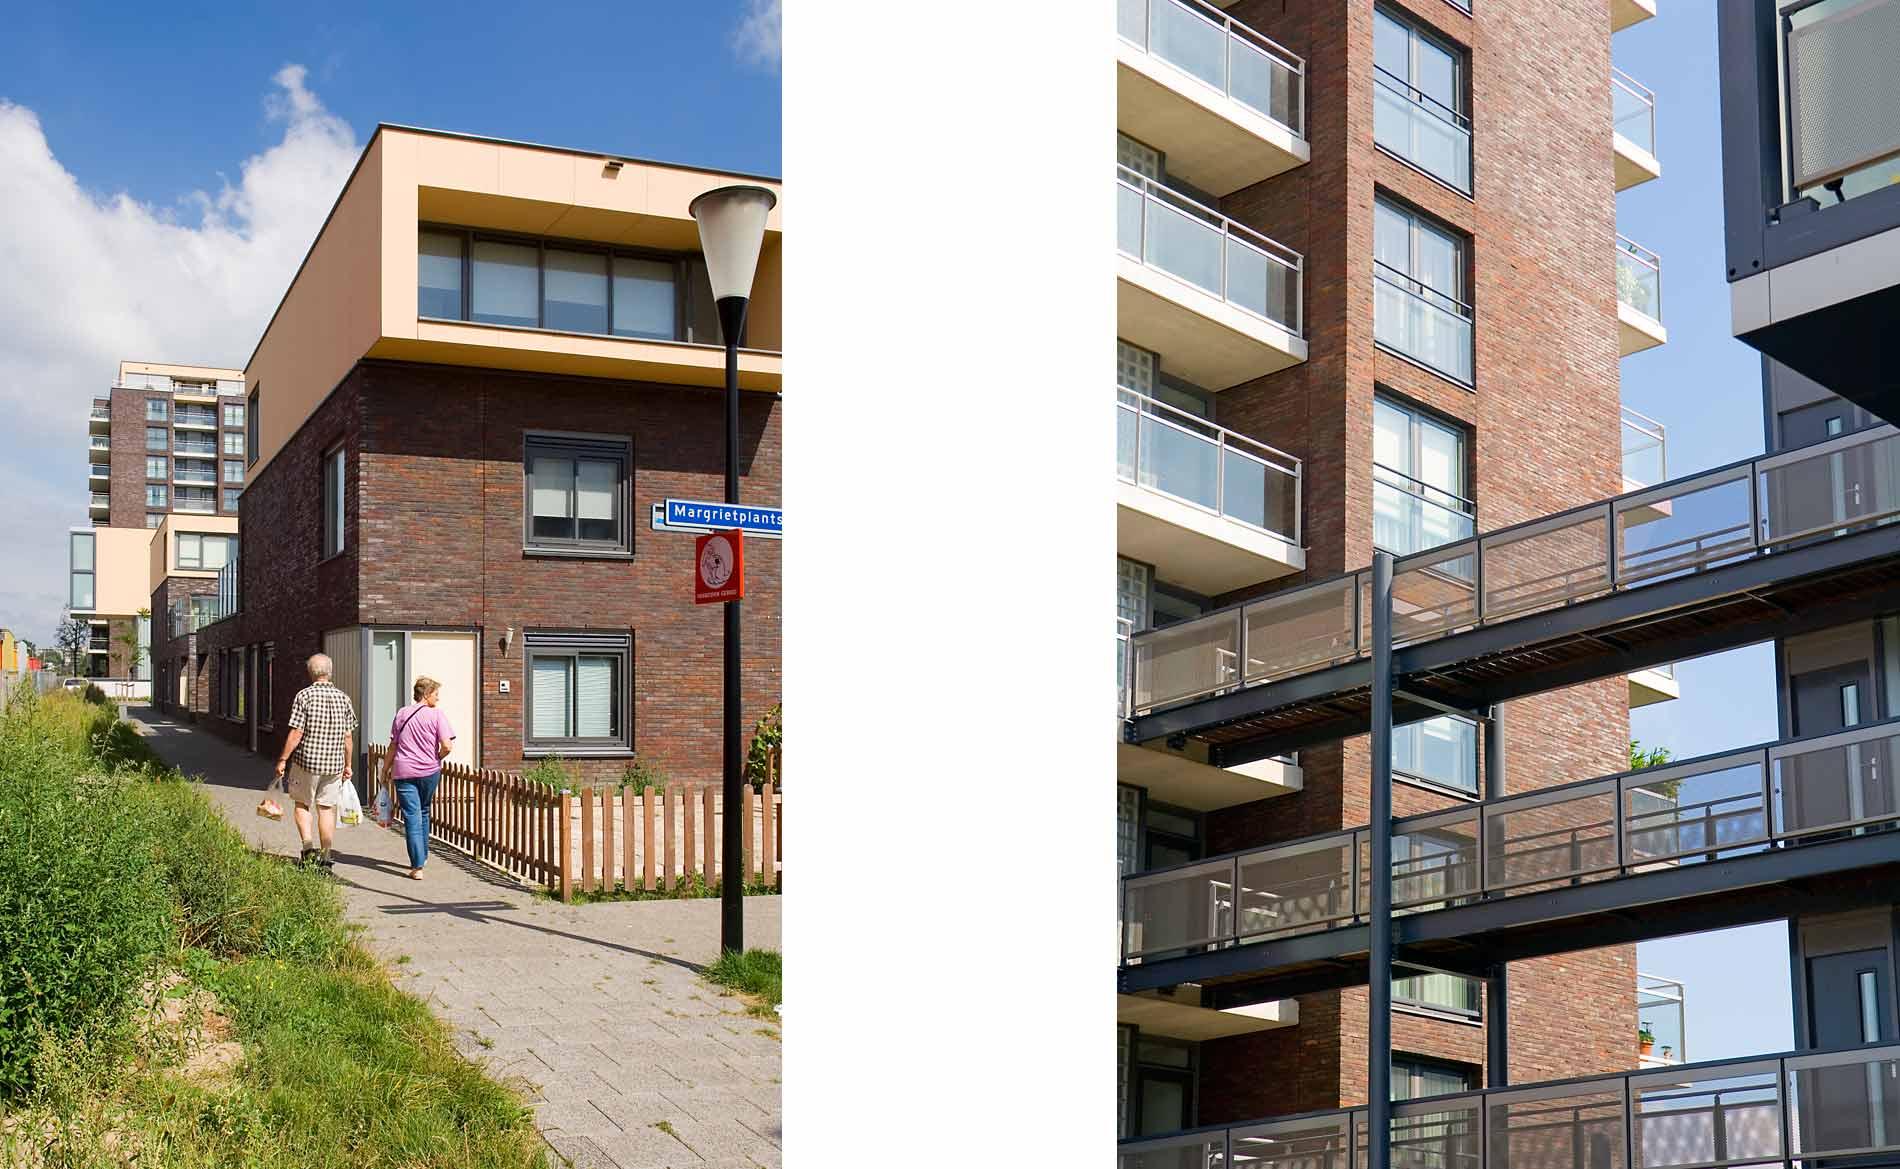 architect woningbouw Prinsenhof Beverwijk Herstructurering wonen BBHD architecten Pré Wonen